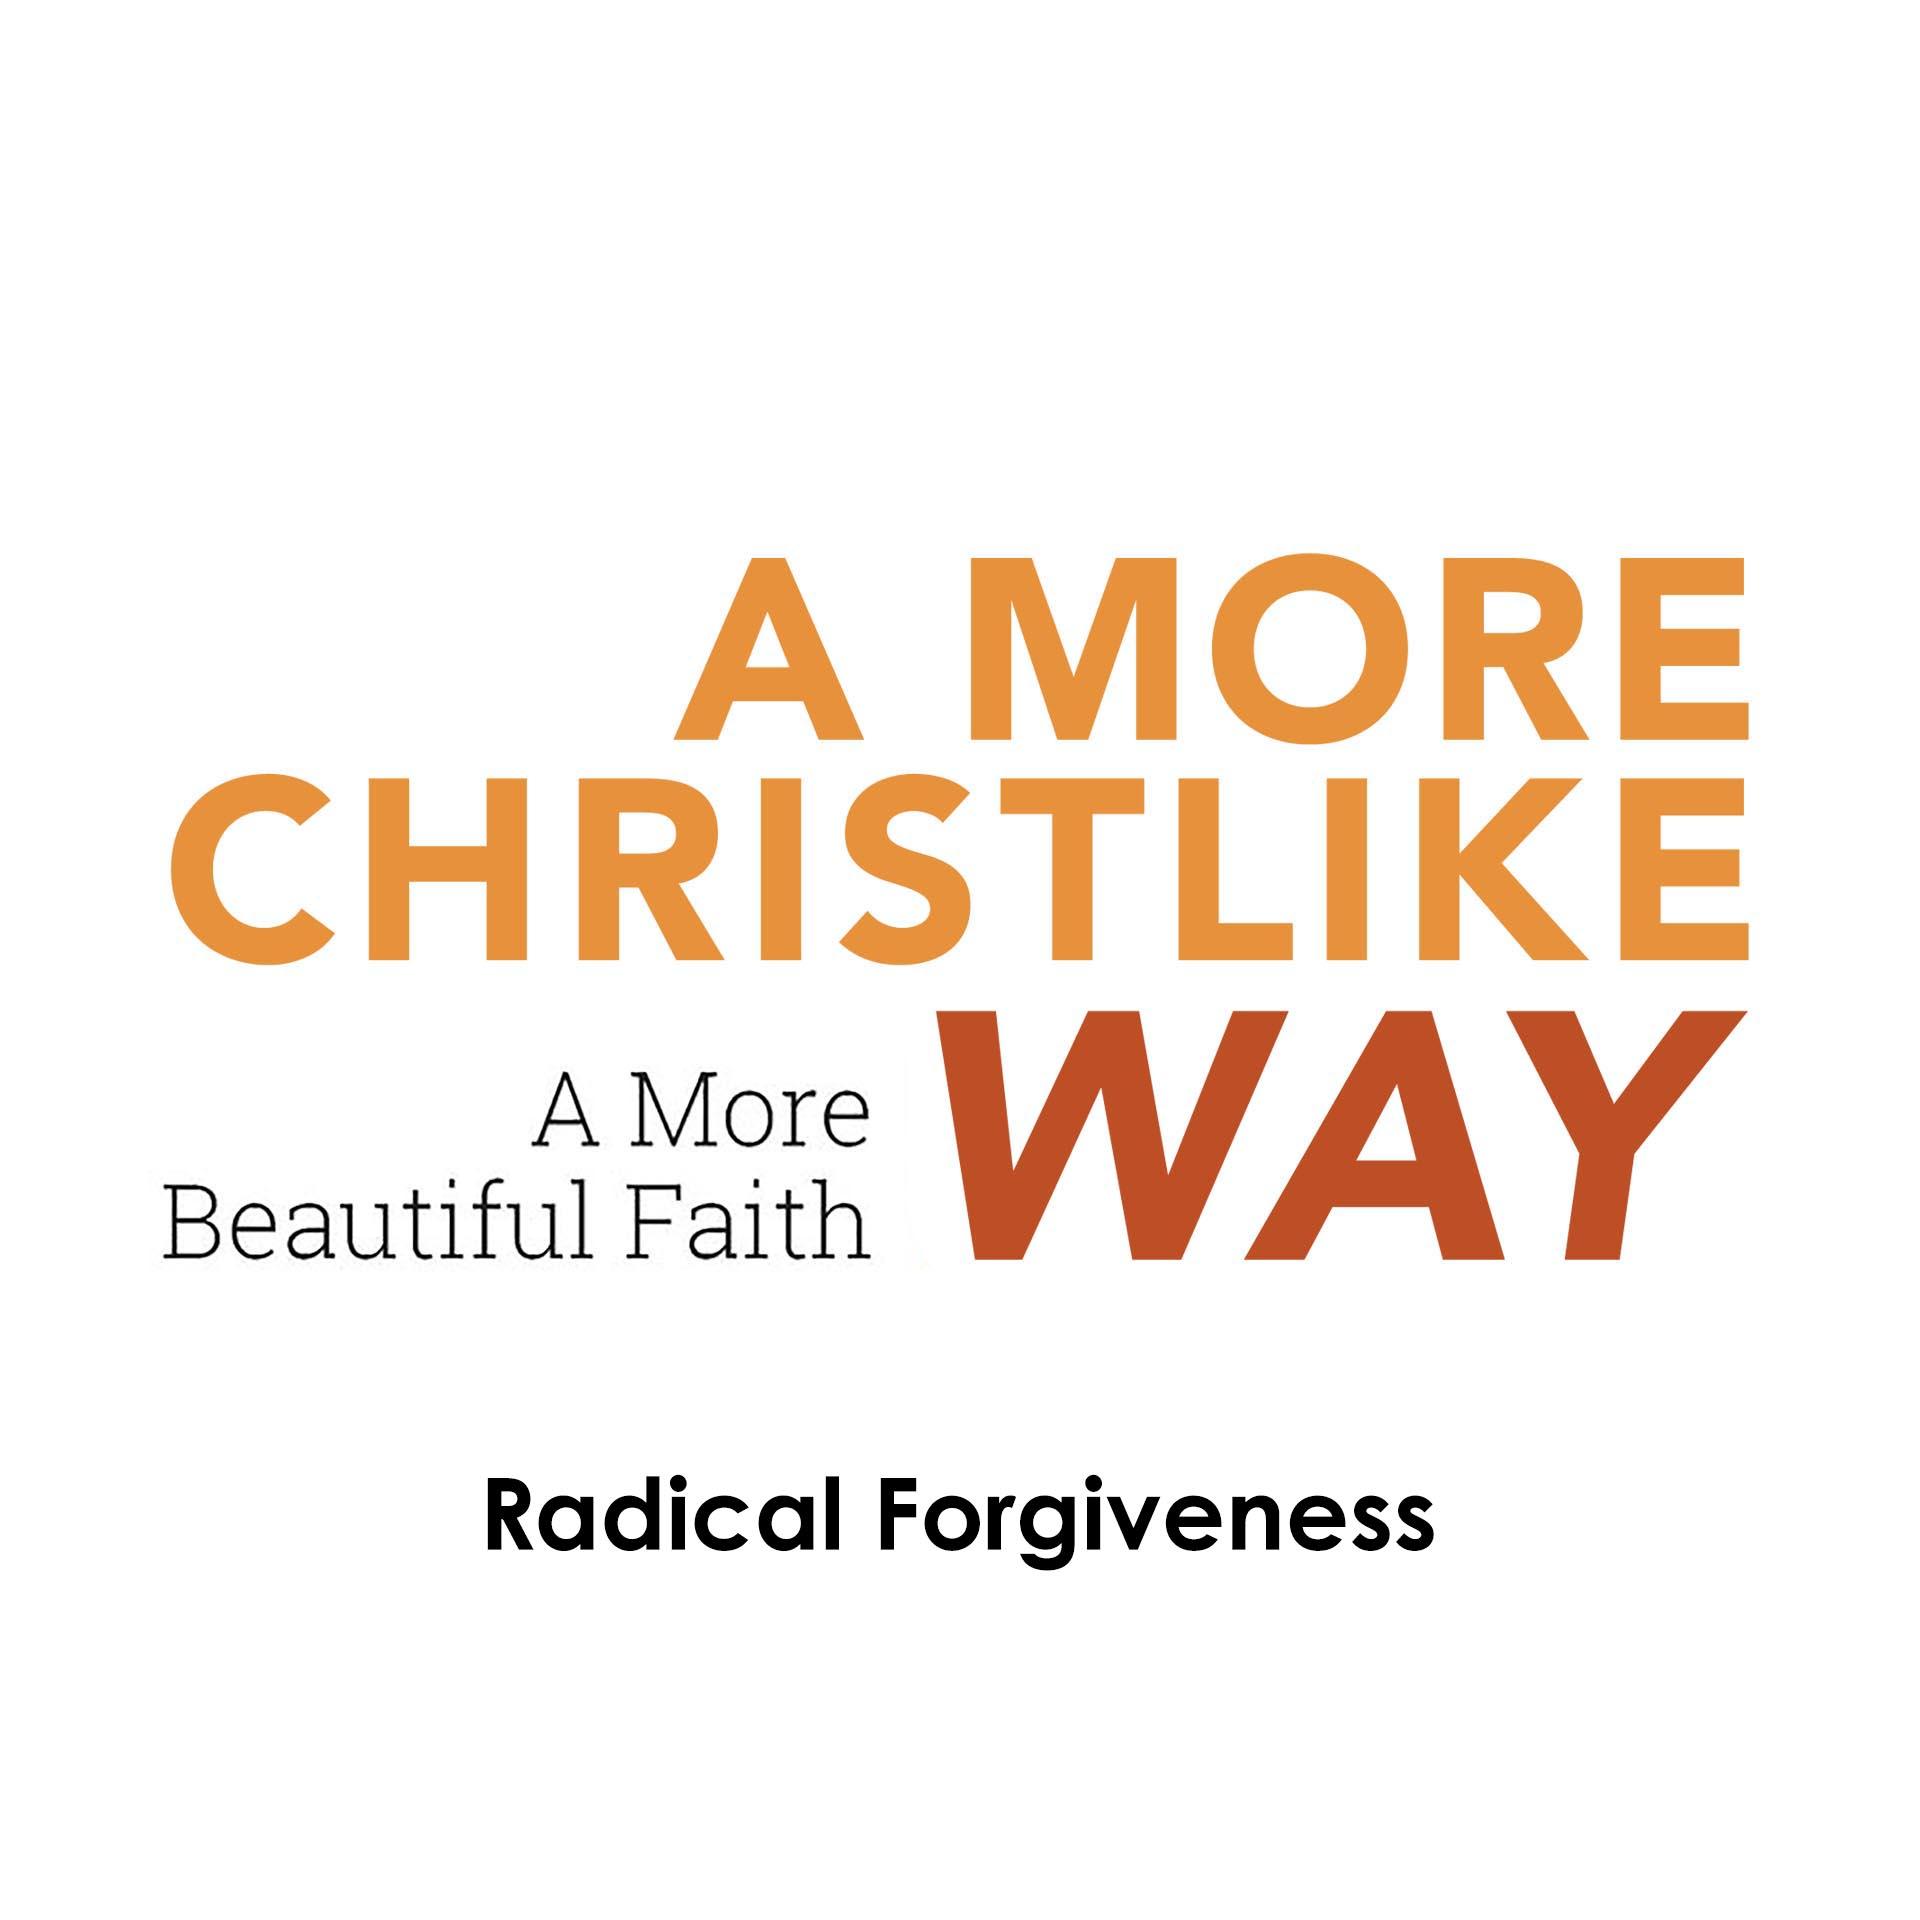 A More Christlike Way: Forgiveness